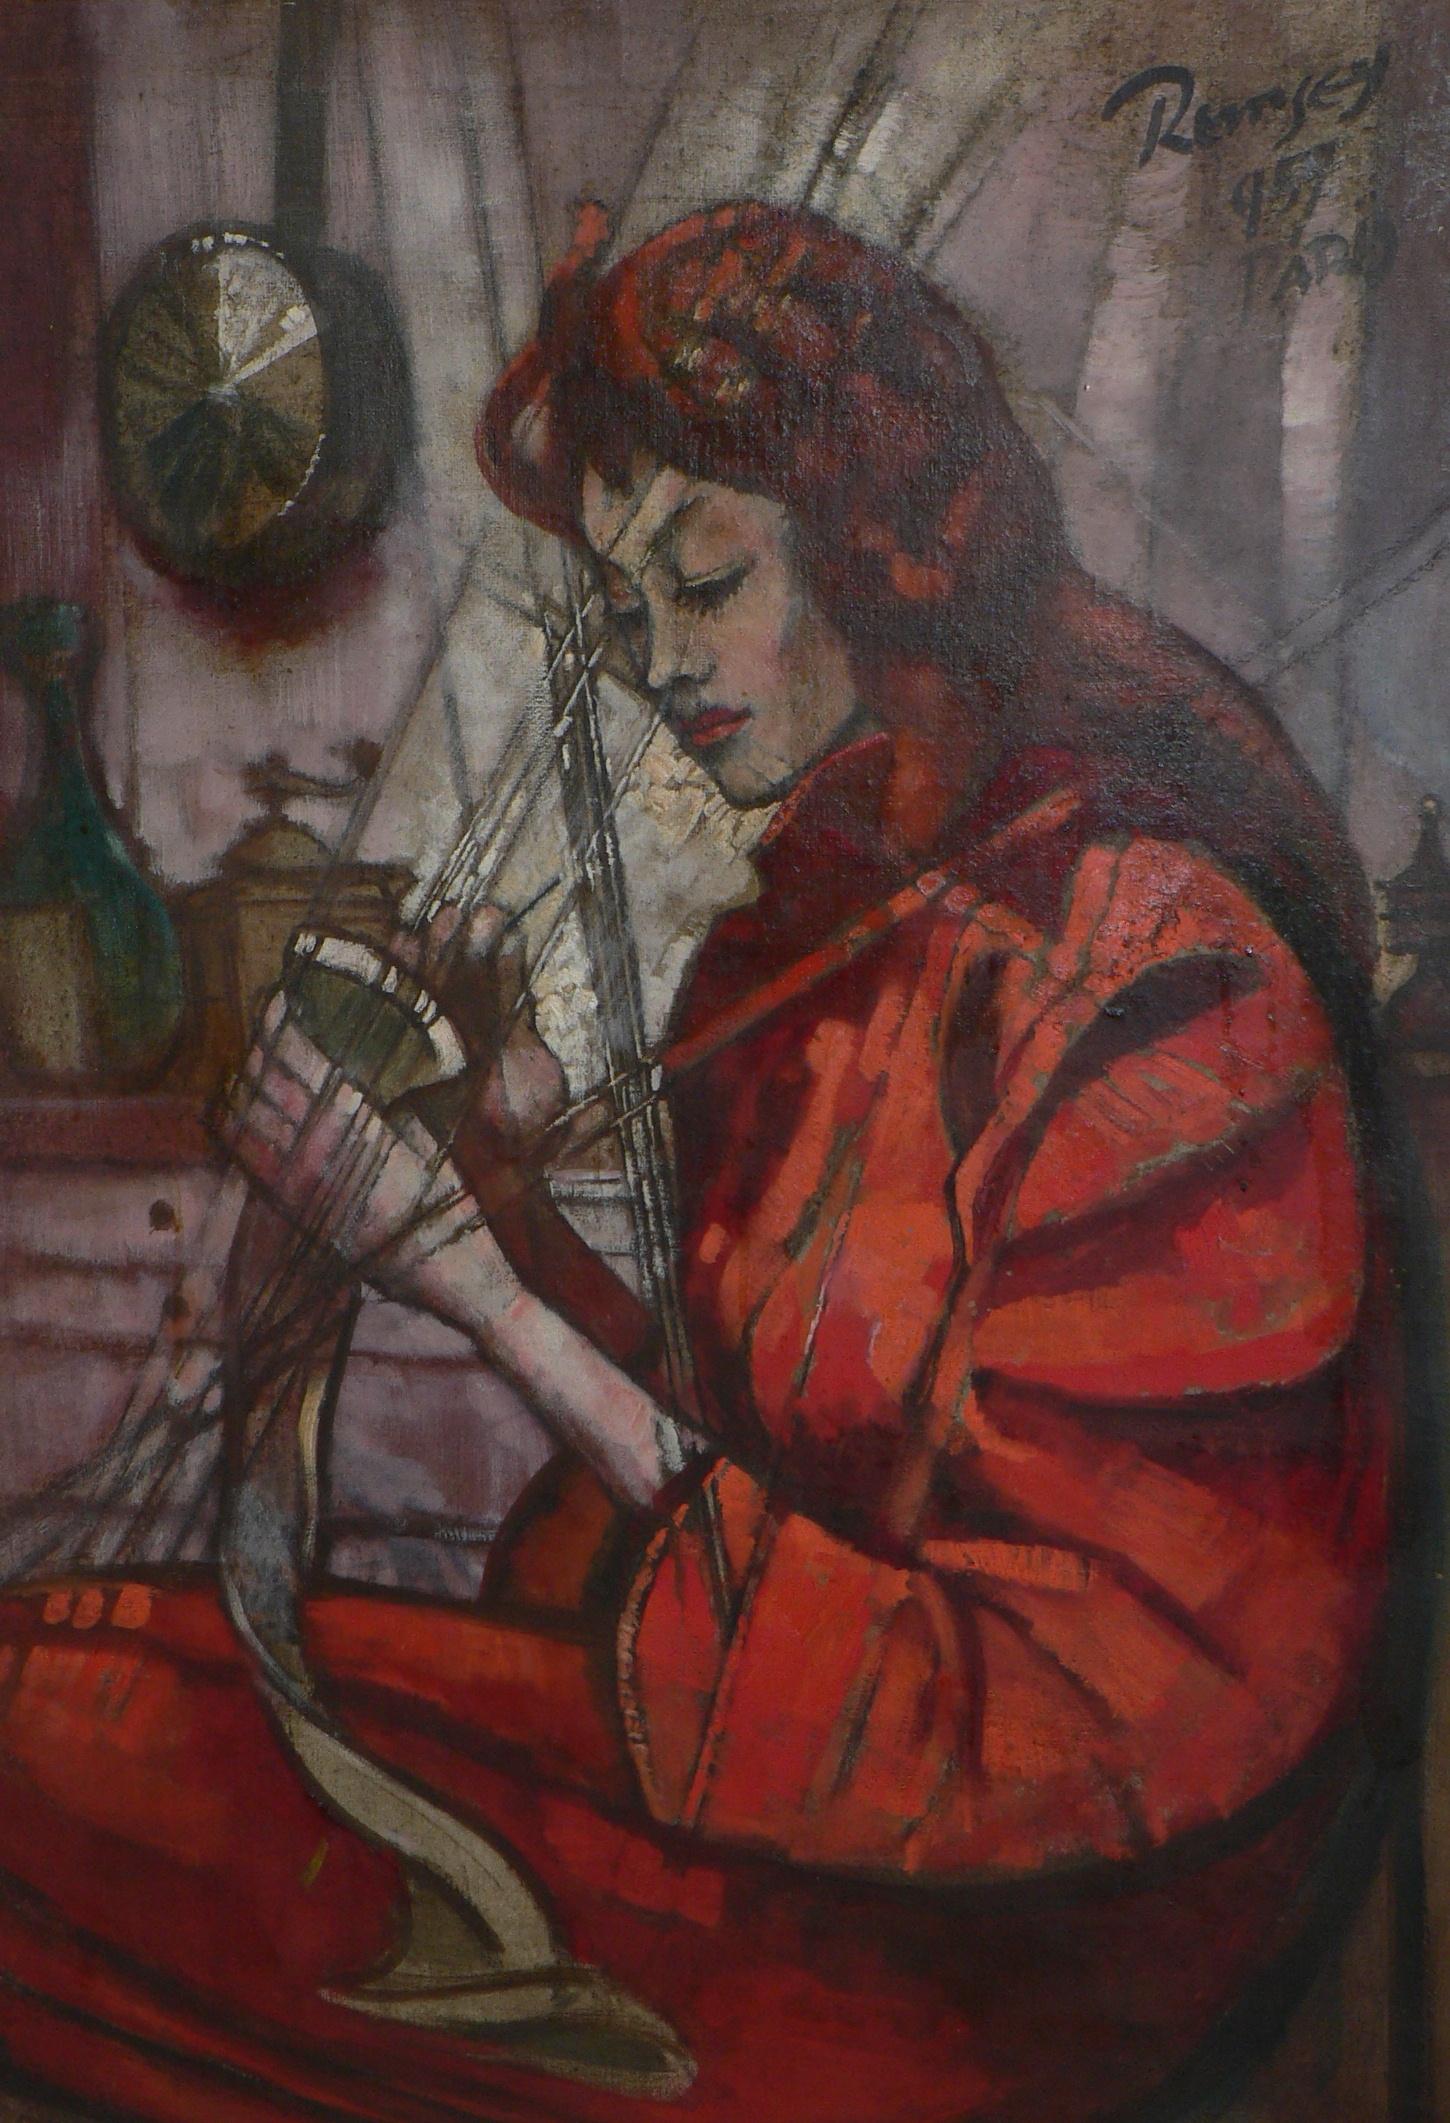 Remsey, Jenő György: Needlewoman